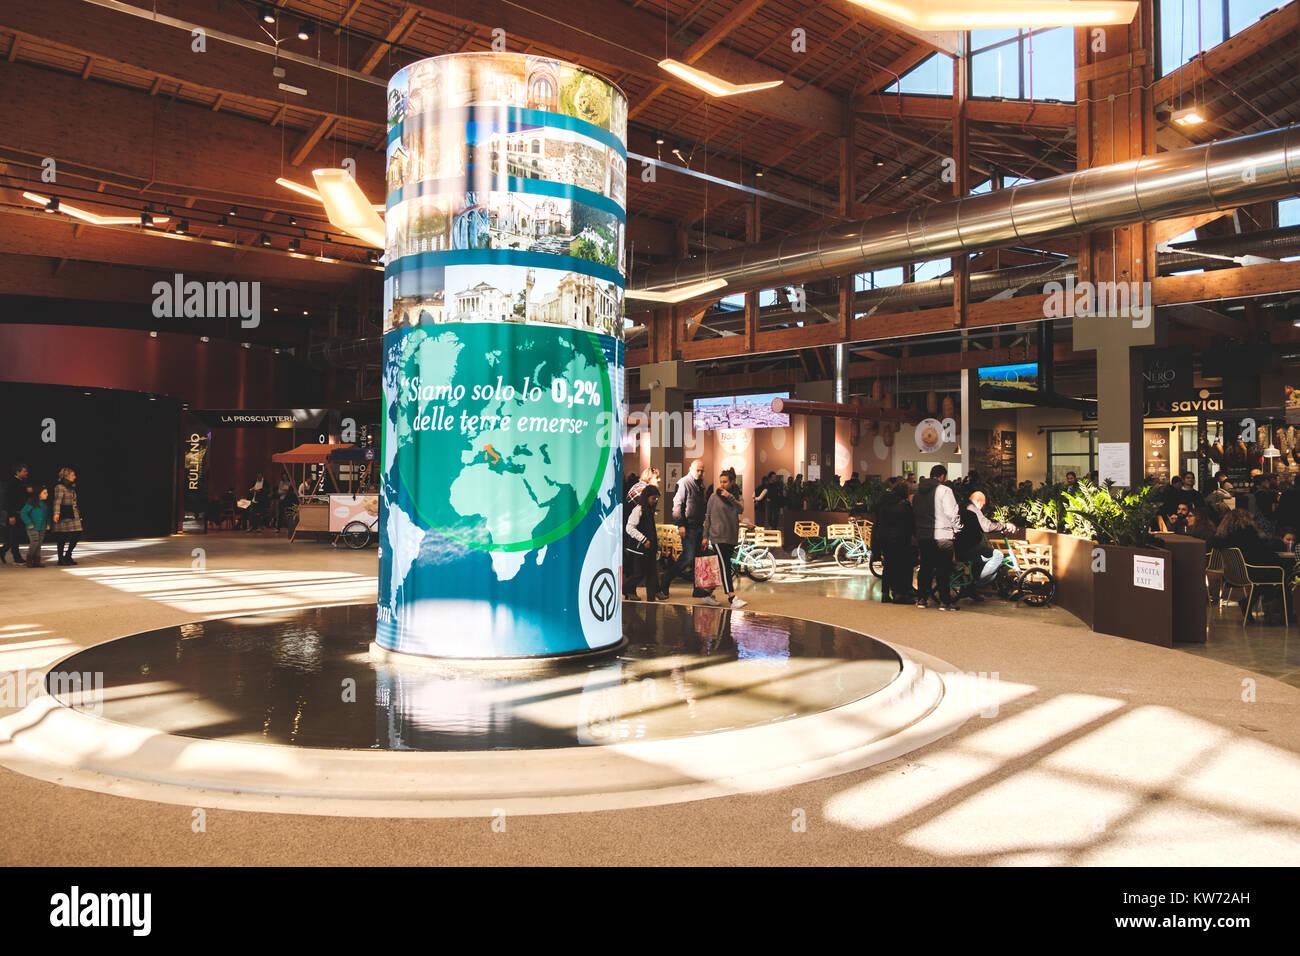 Fico Eataly World Fabbrica Italiana Contadina showcase Italian food companies - Stock Image